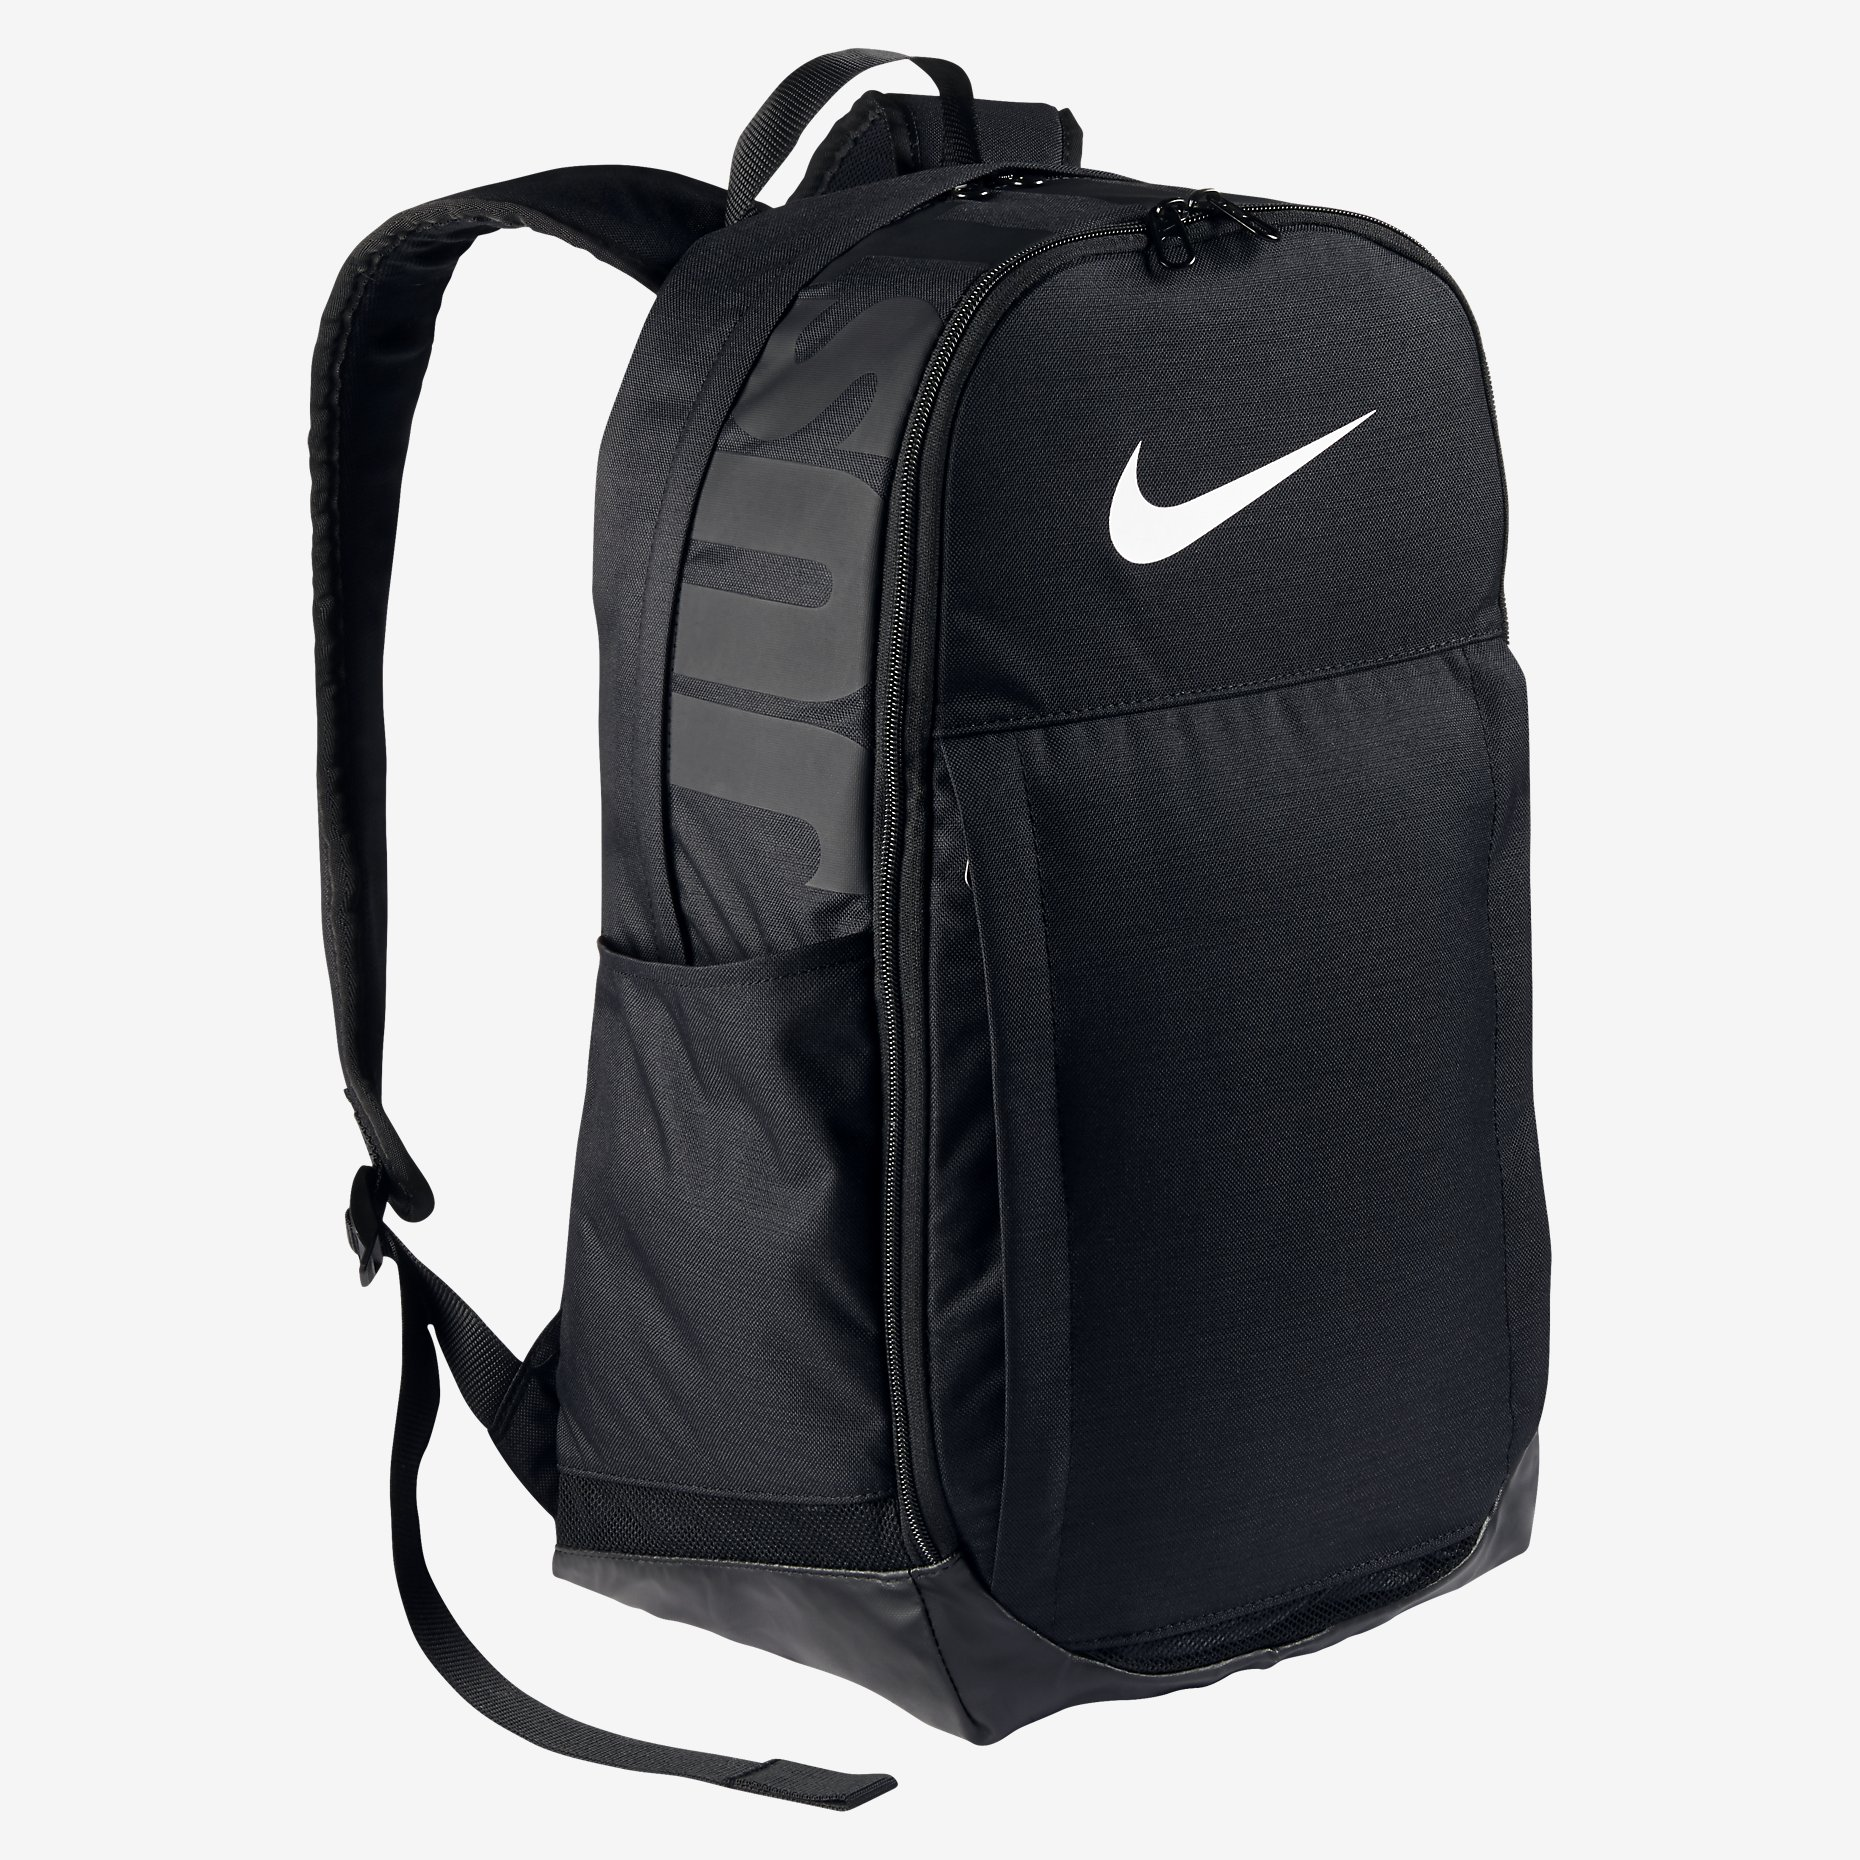 brasilia-extra-large-training-backpack (2).jpg